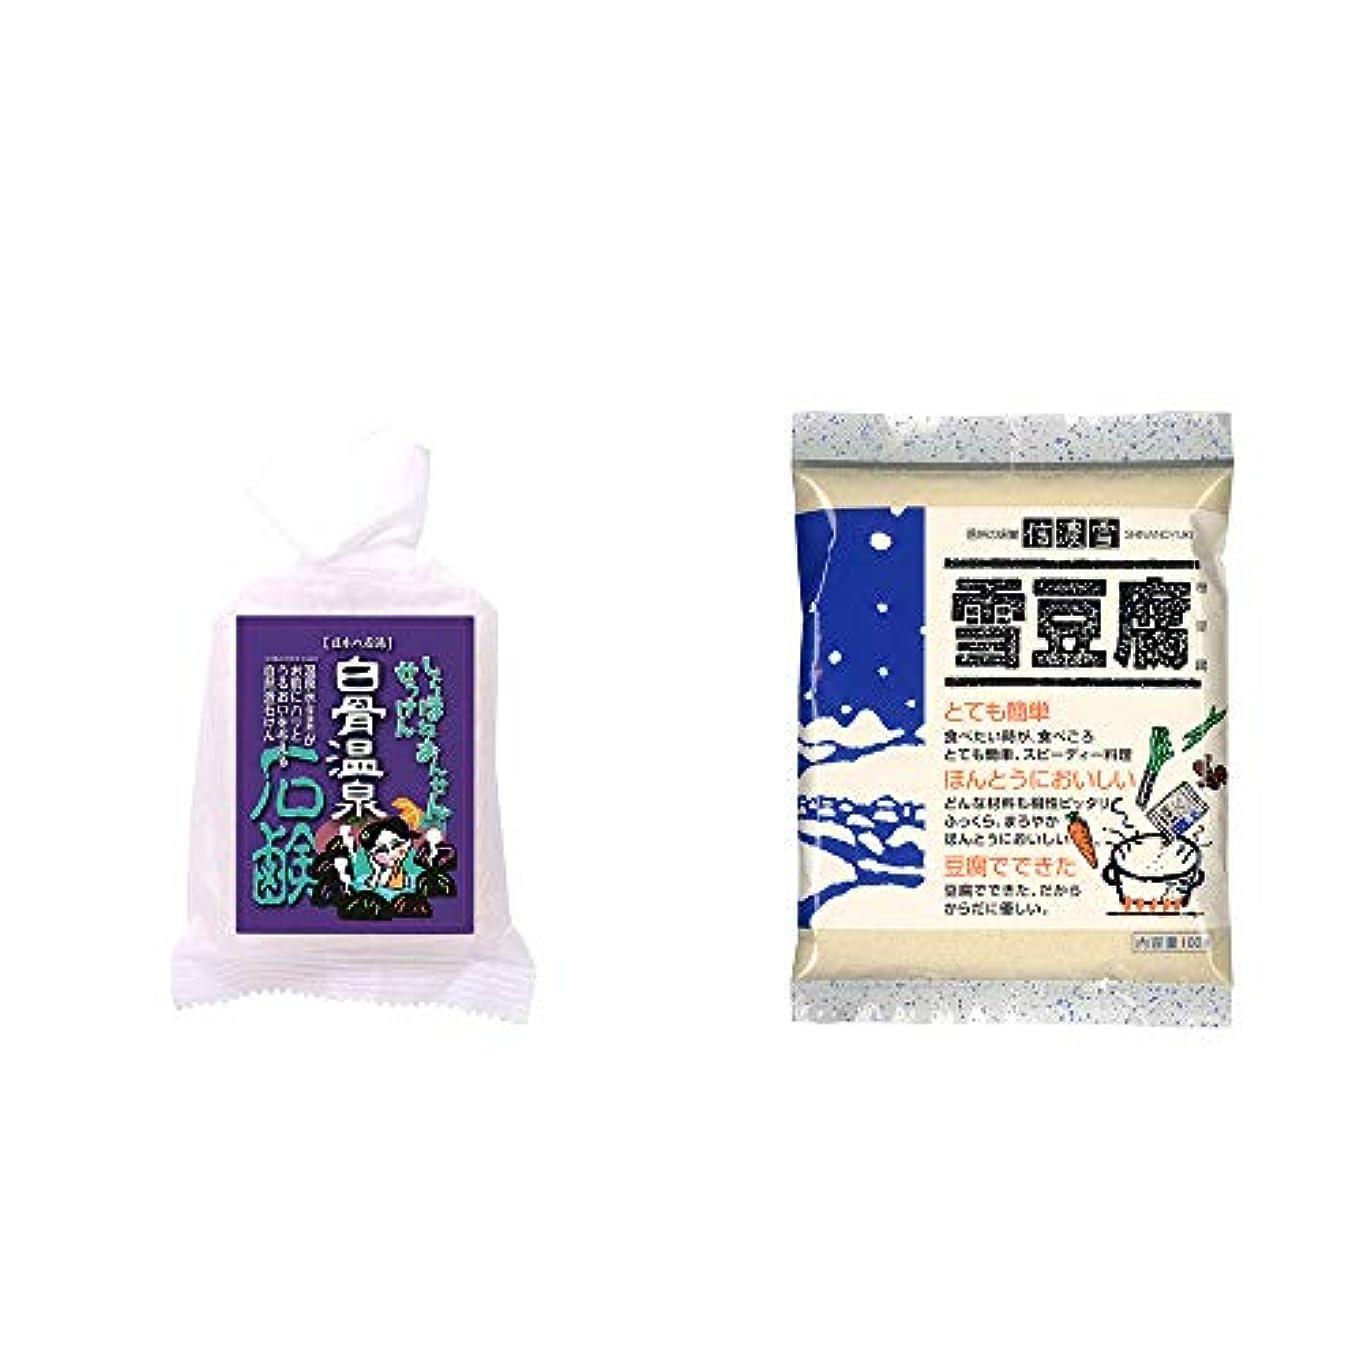 笑苦悩可能性[2点セット] 信州 白骨温泉石鹸(80g)?信濃雪 雪豆腐(粉豆腐)(100g)